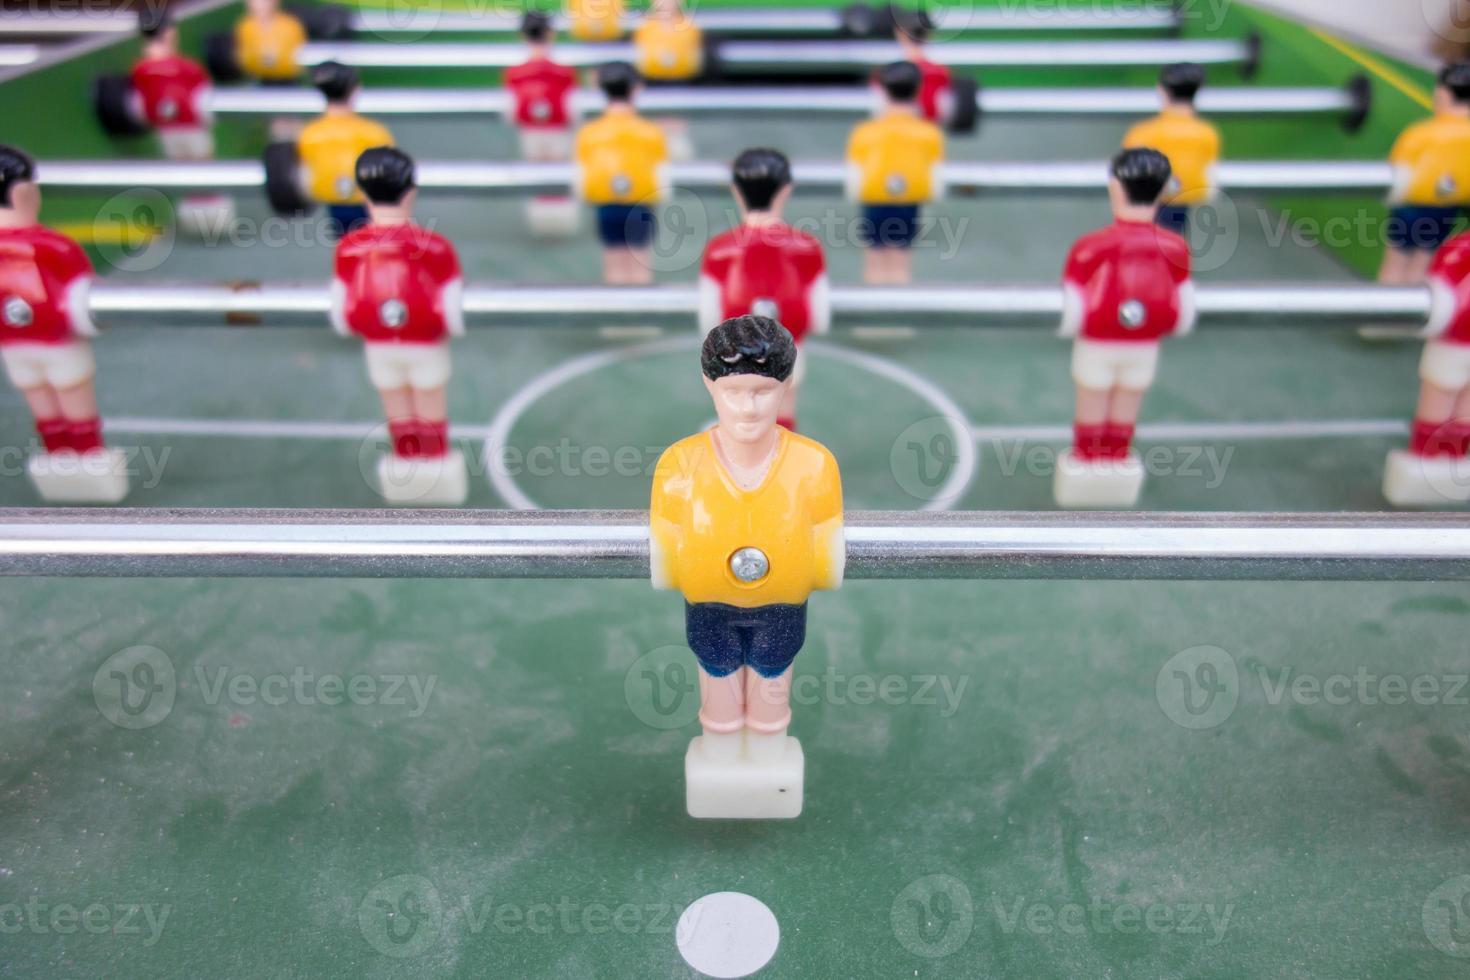 tafelvoetbalspel met gele en rode spelers foto